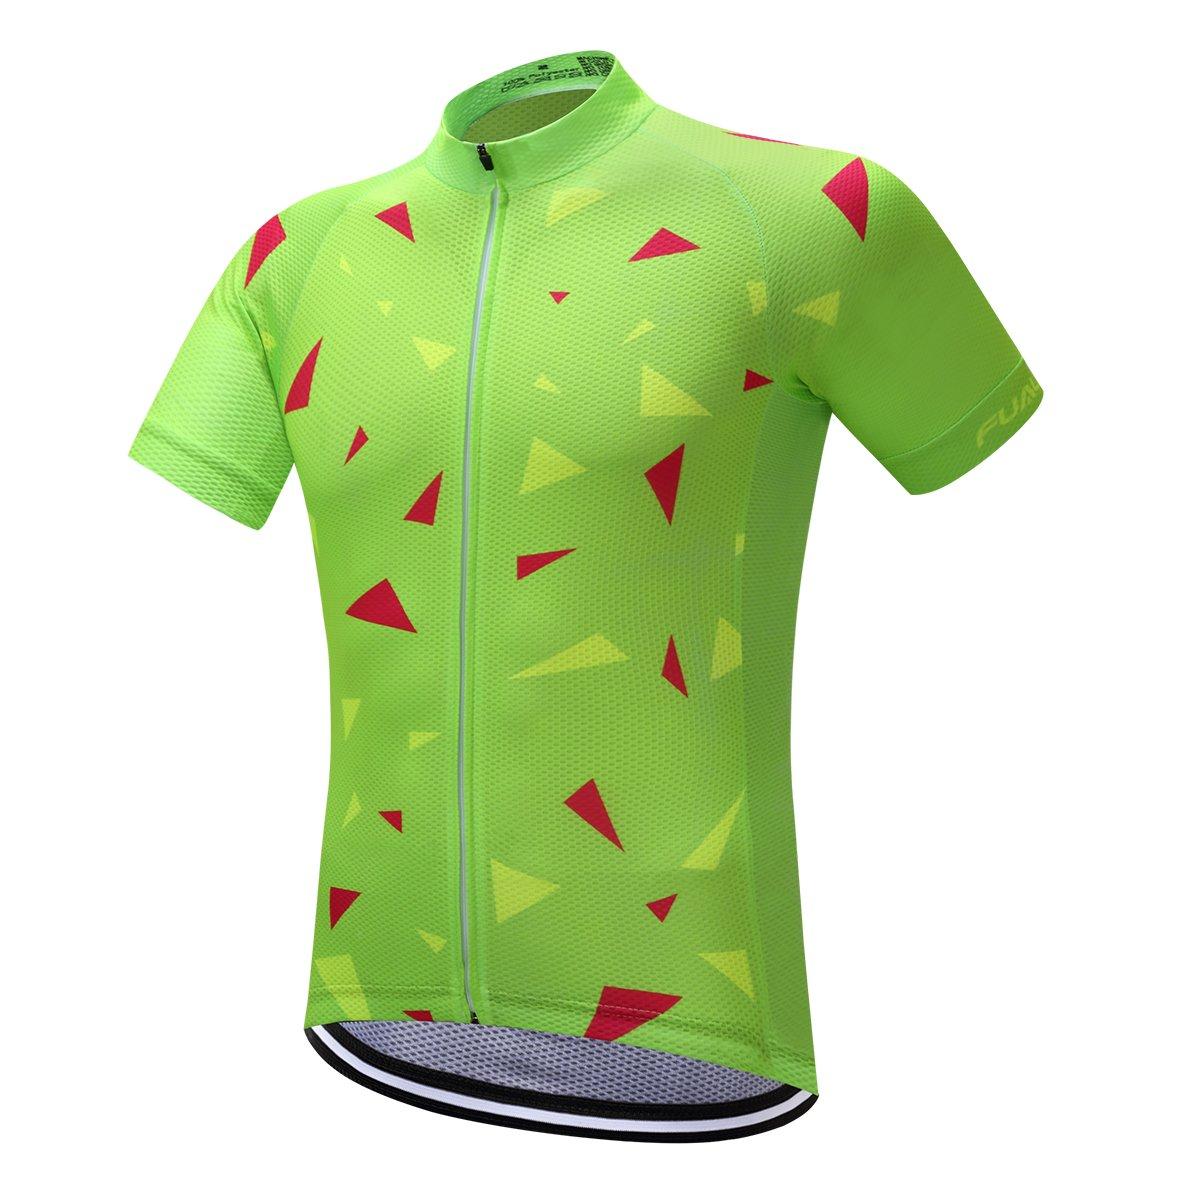 プランAクラシックブラックメンズシャツ夏サイクリングジャージー半袖自転車スポーツ服 B0745GXSMS 3L|GreenDS17 GreenDS17 3L